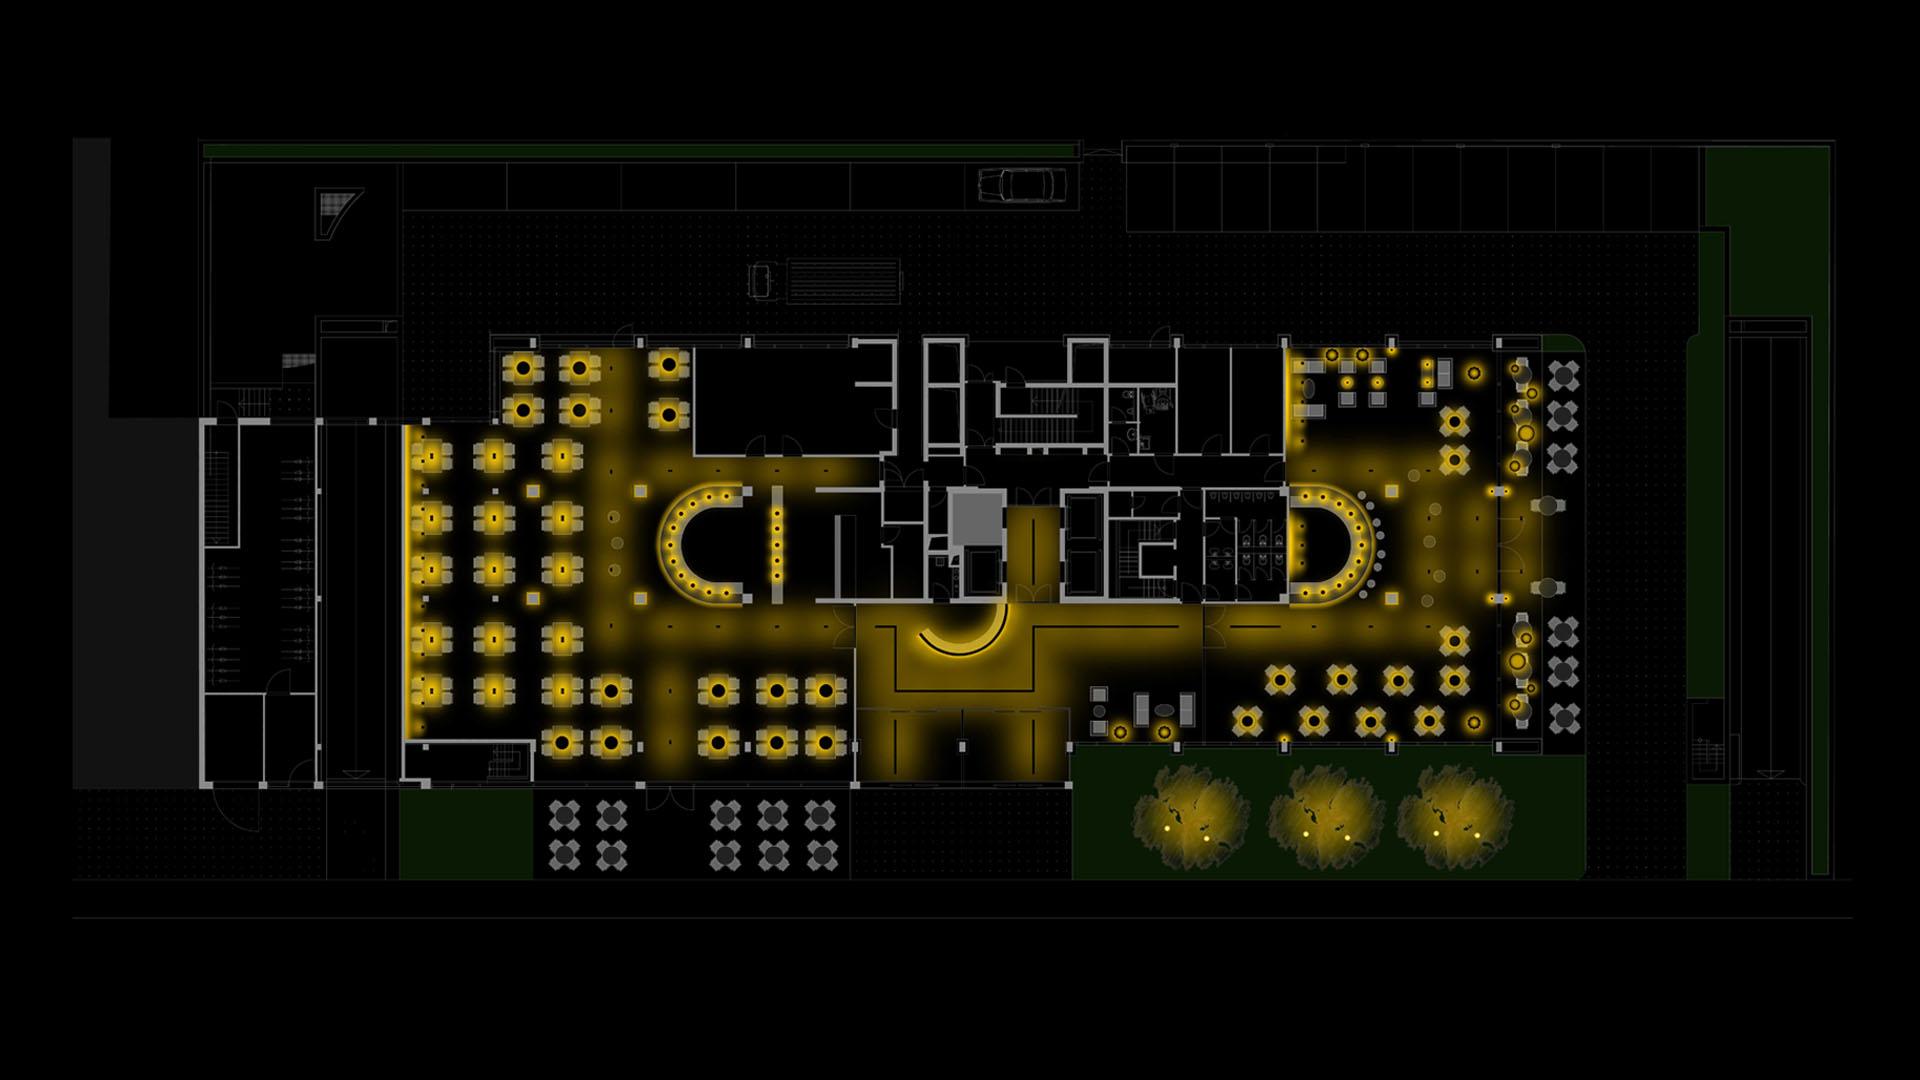 MAASS-Lichtplanung_Beleuchtungskonzept Bürotower__MAASS-U30-003